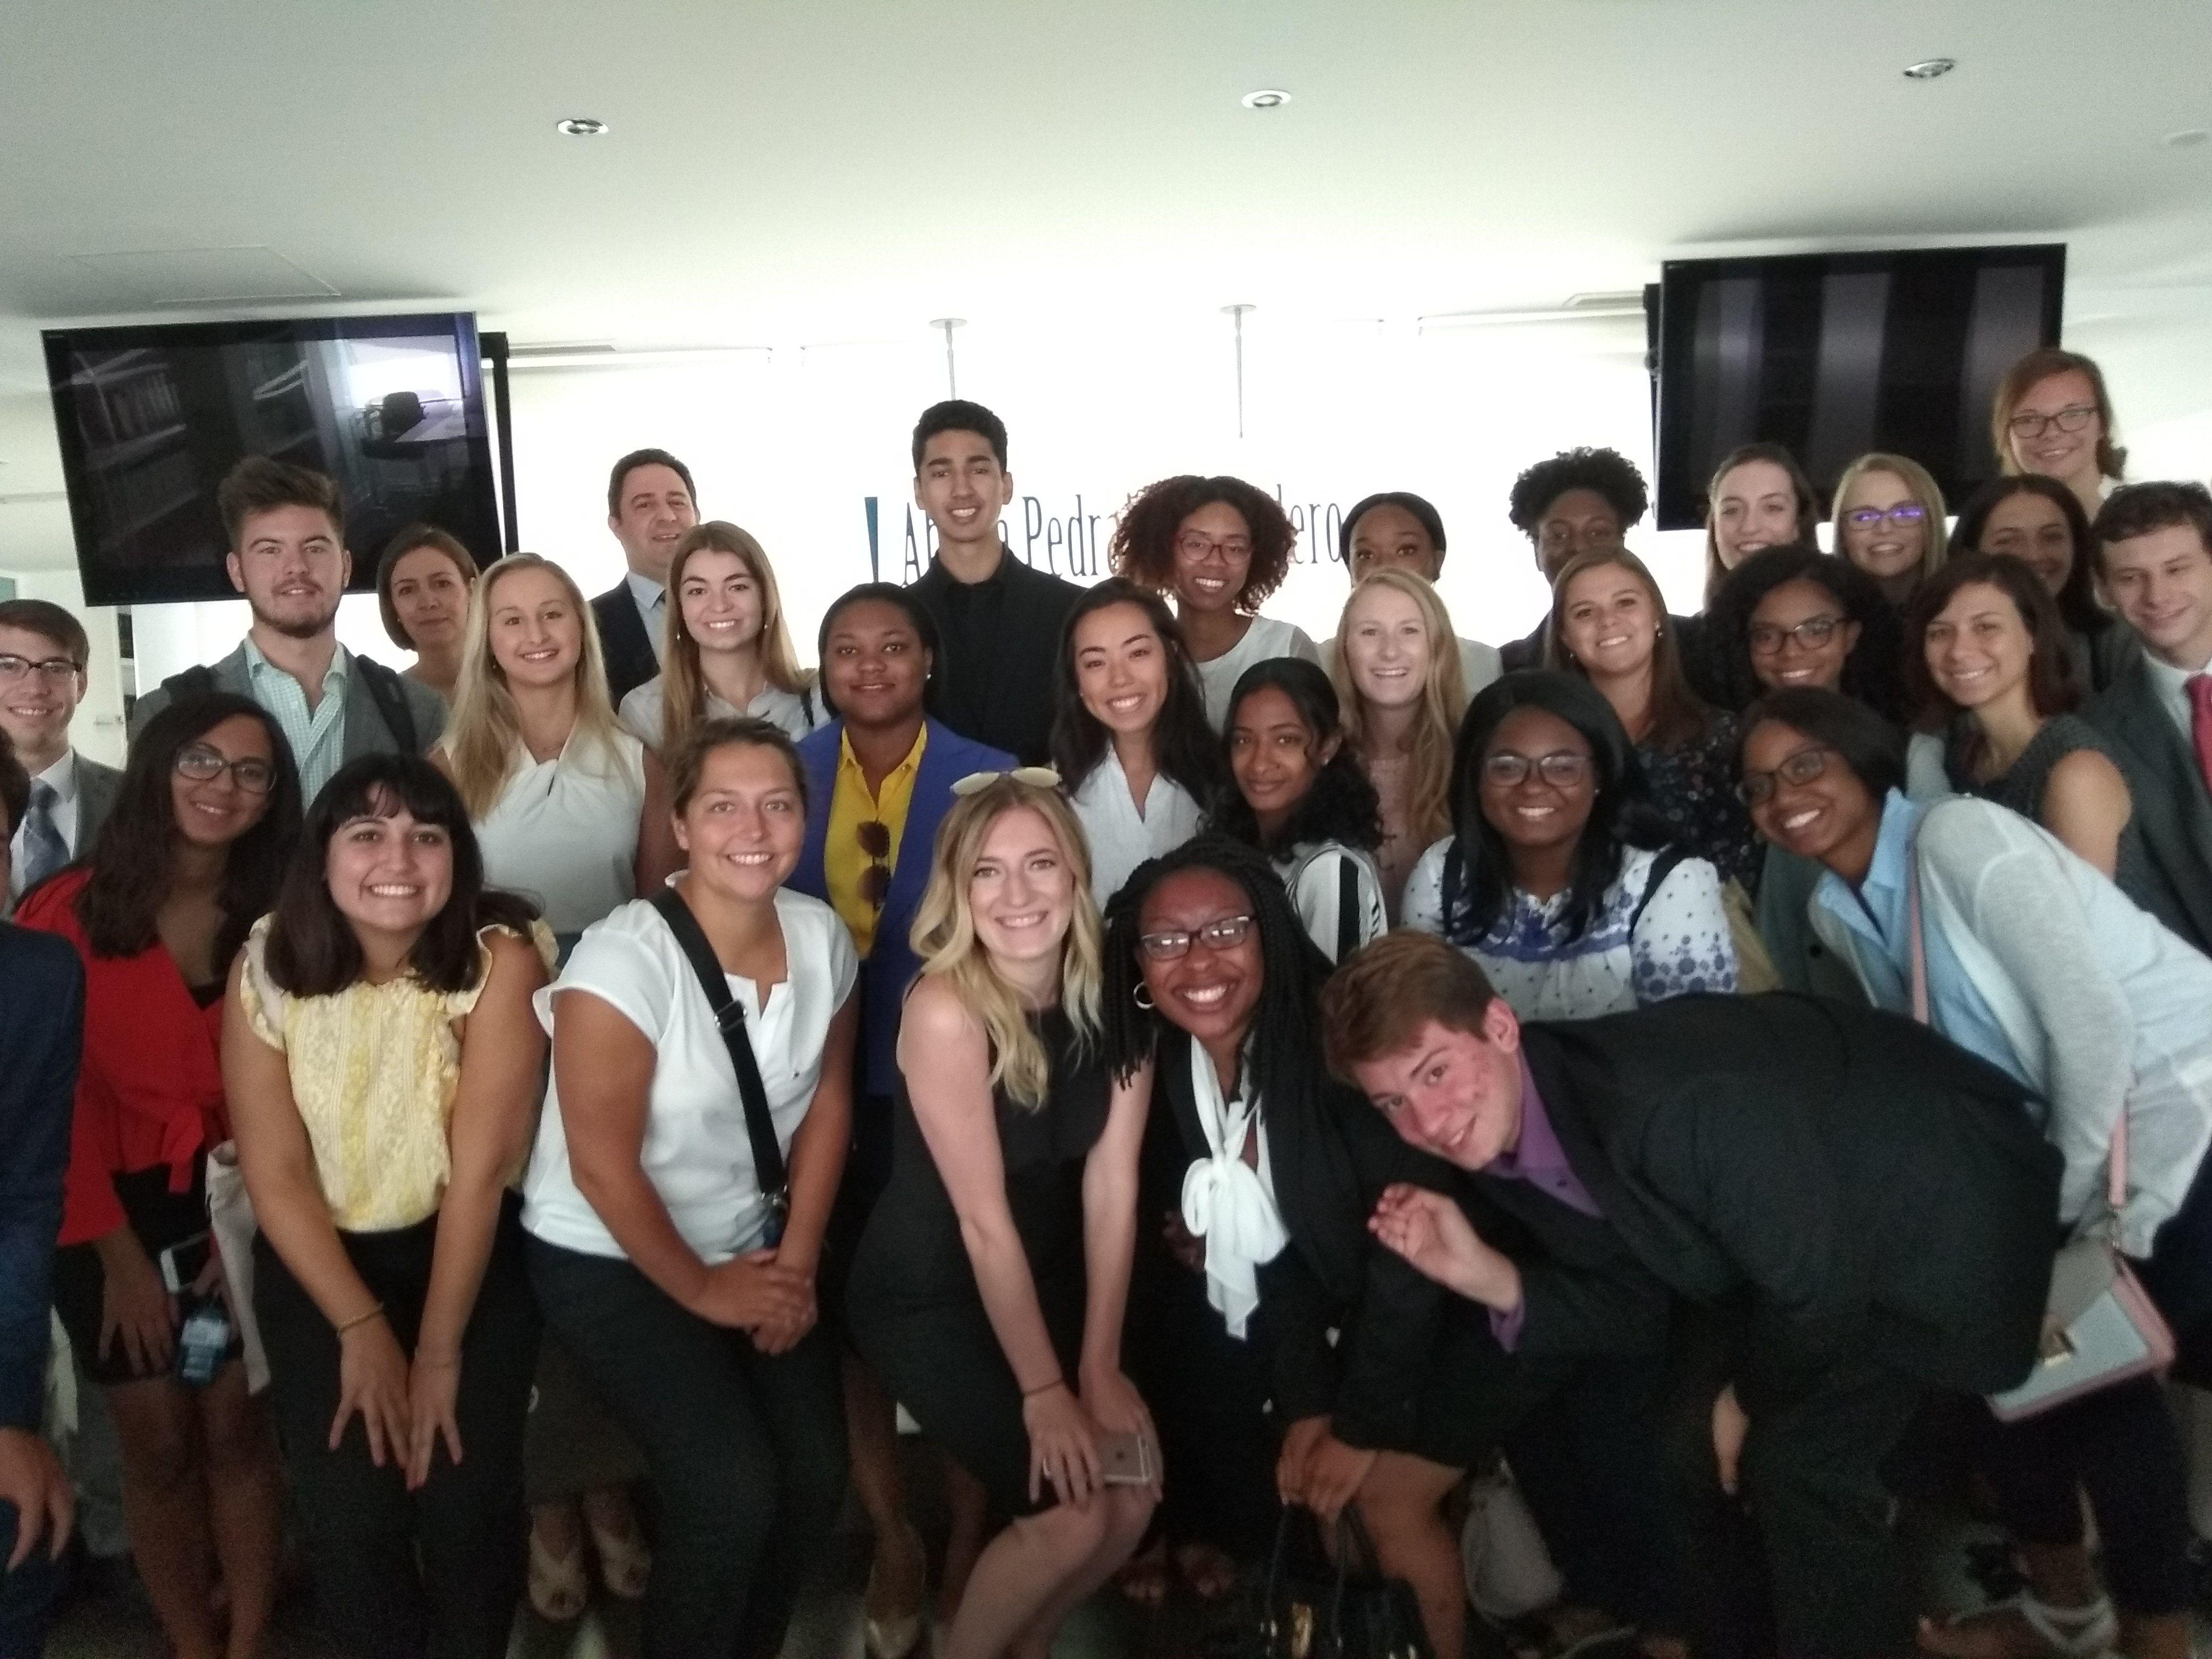 Abdón Pedrajas recibe a los alumnos de la institución americana The Lex Fellowship en su visita a Madrid